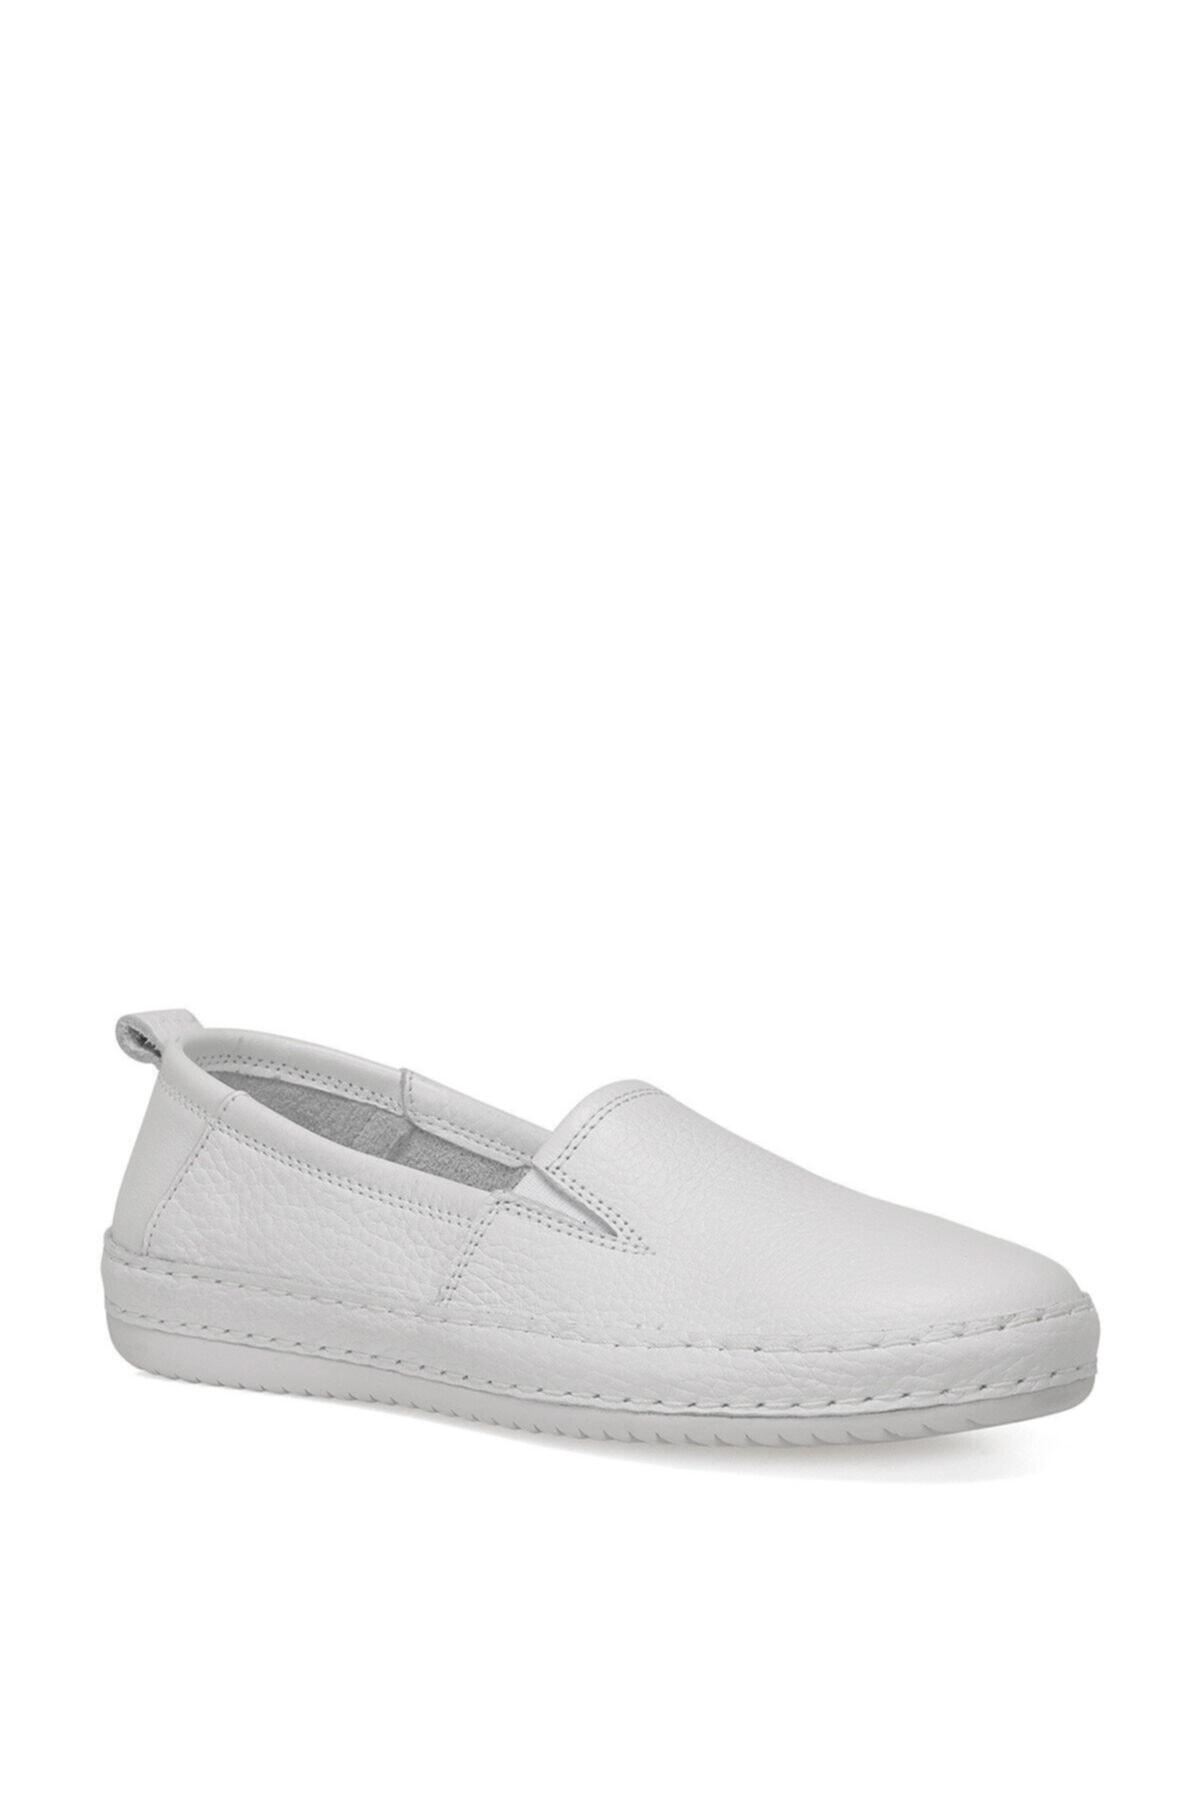 Nine West TISO Beyaz Kadın Günlük Ayakkabı 100526809 1